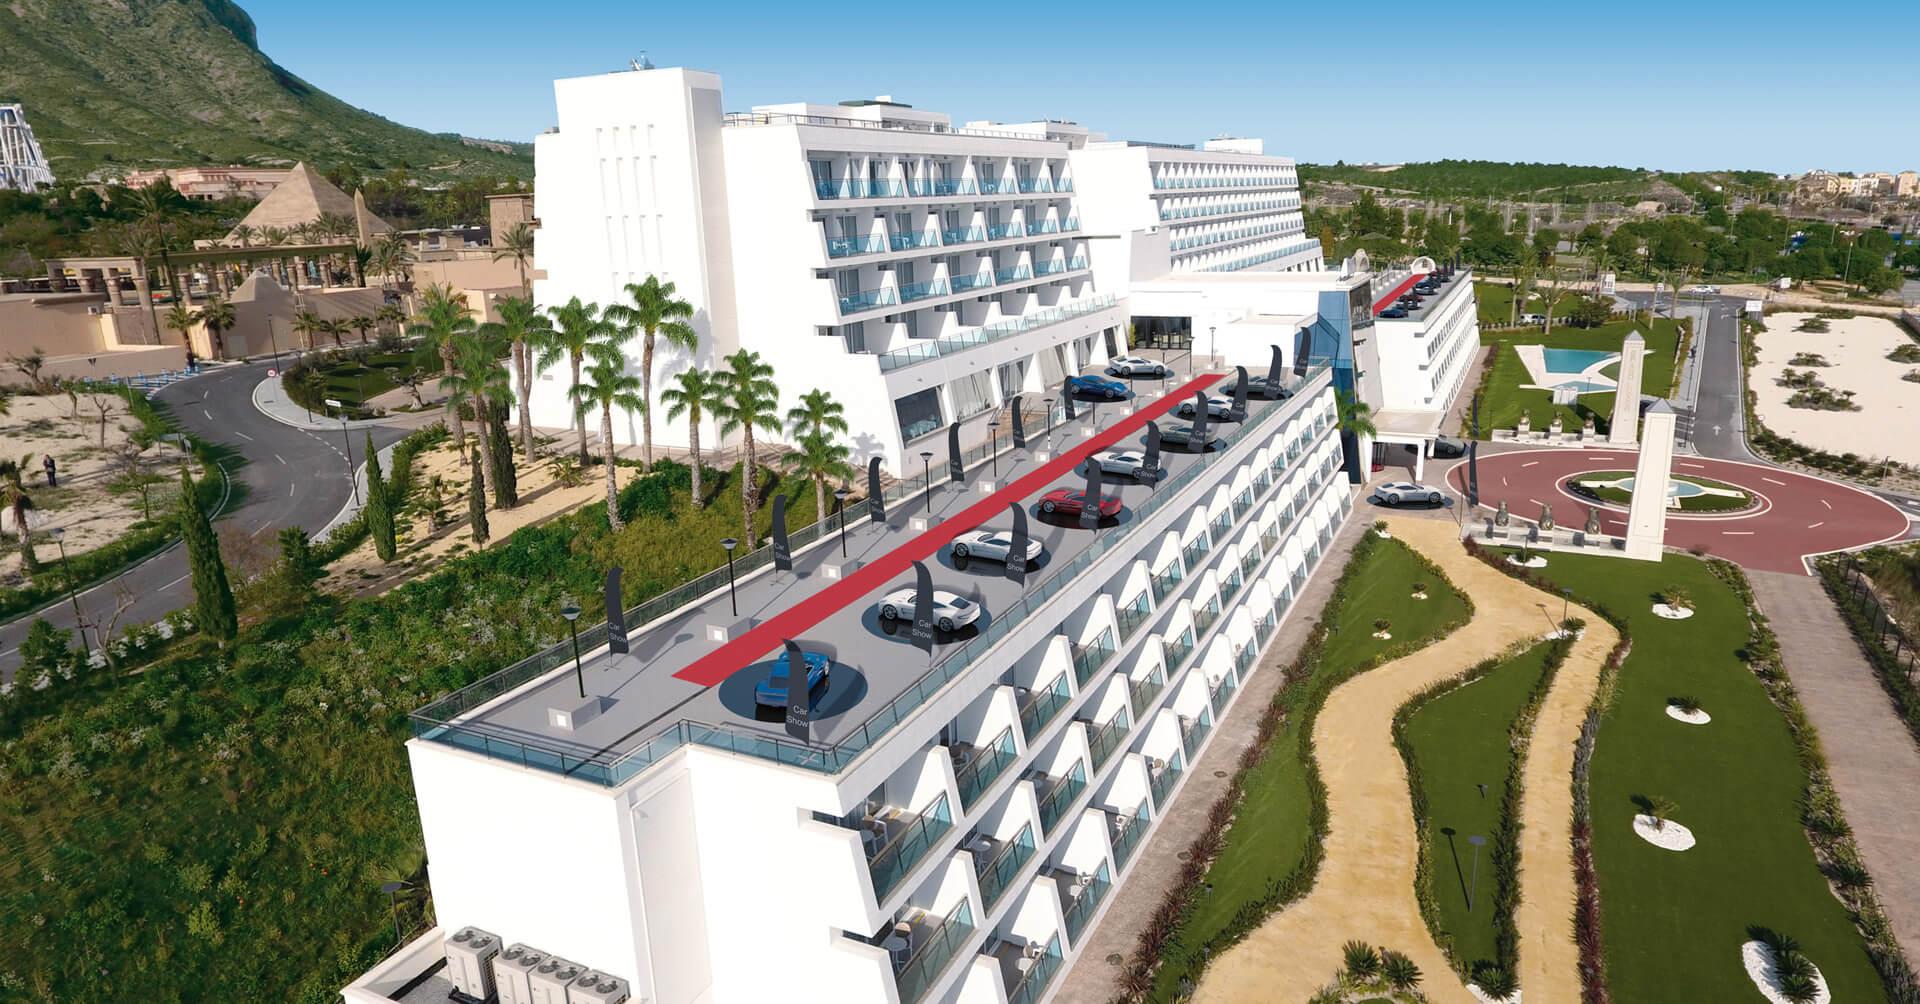 Presentaciones de automóviles en Grand Luxor Hotels